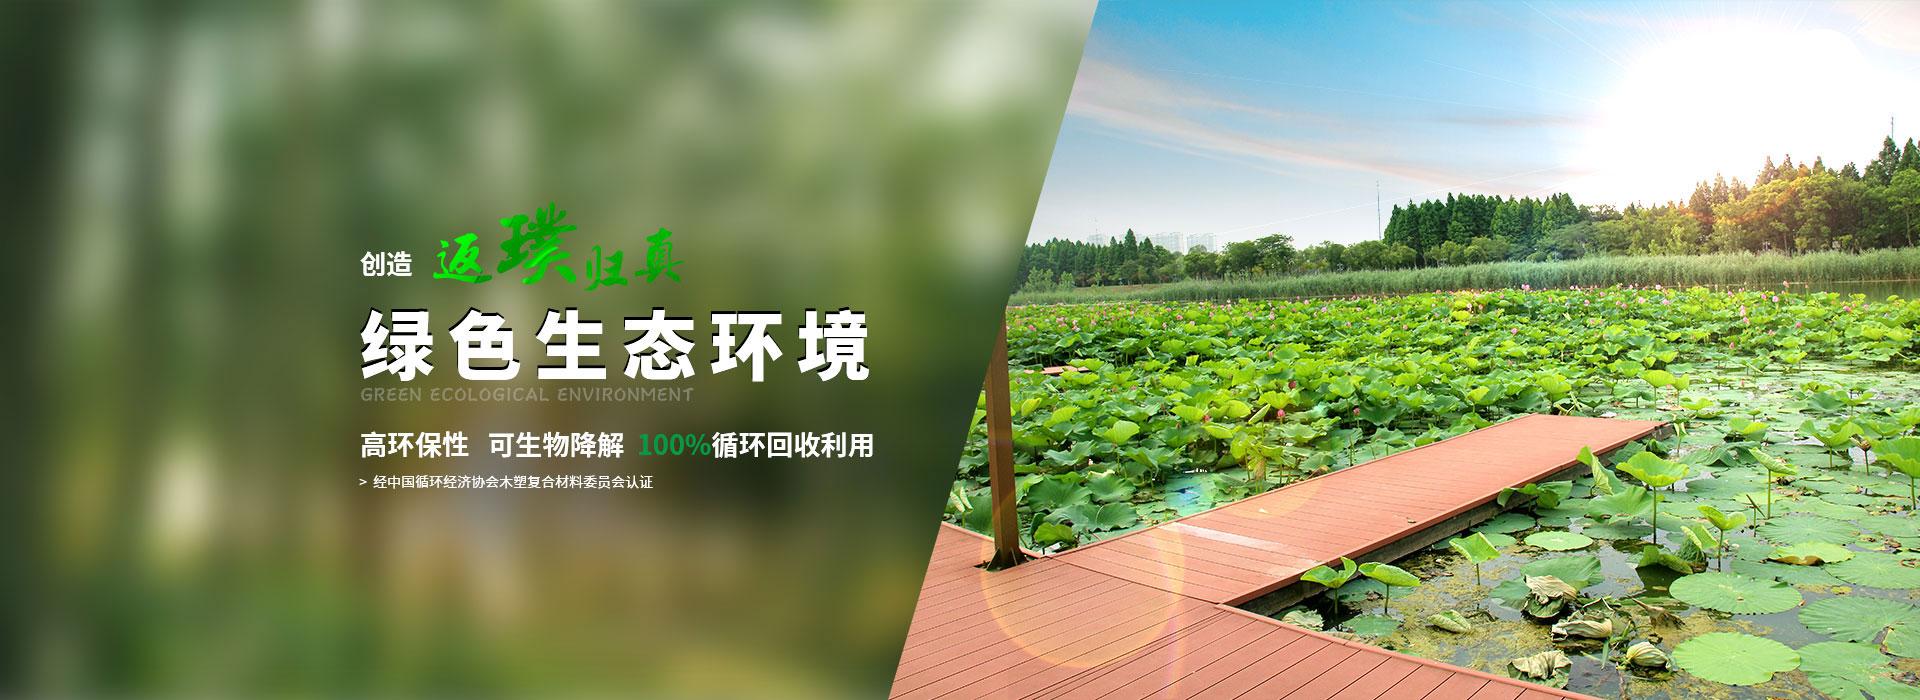 舜腾木塑创造返璞归真的绿色生态环境